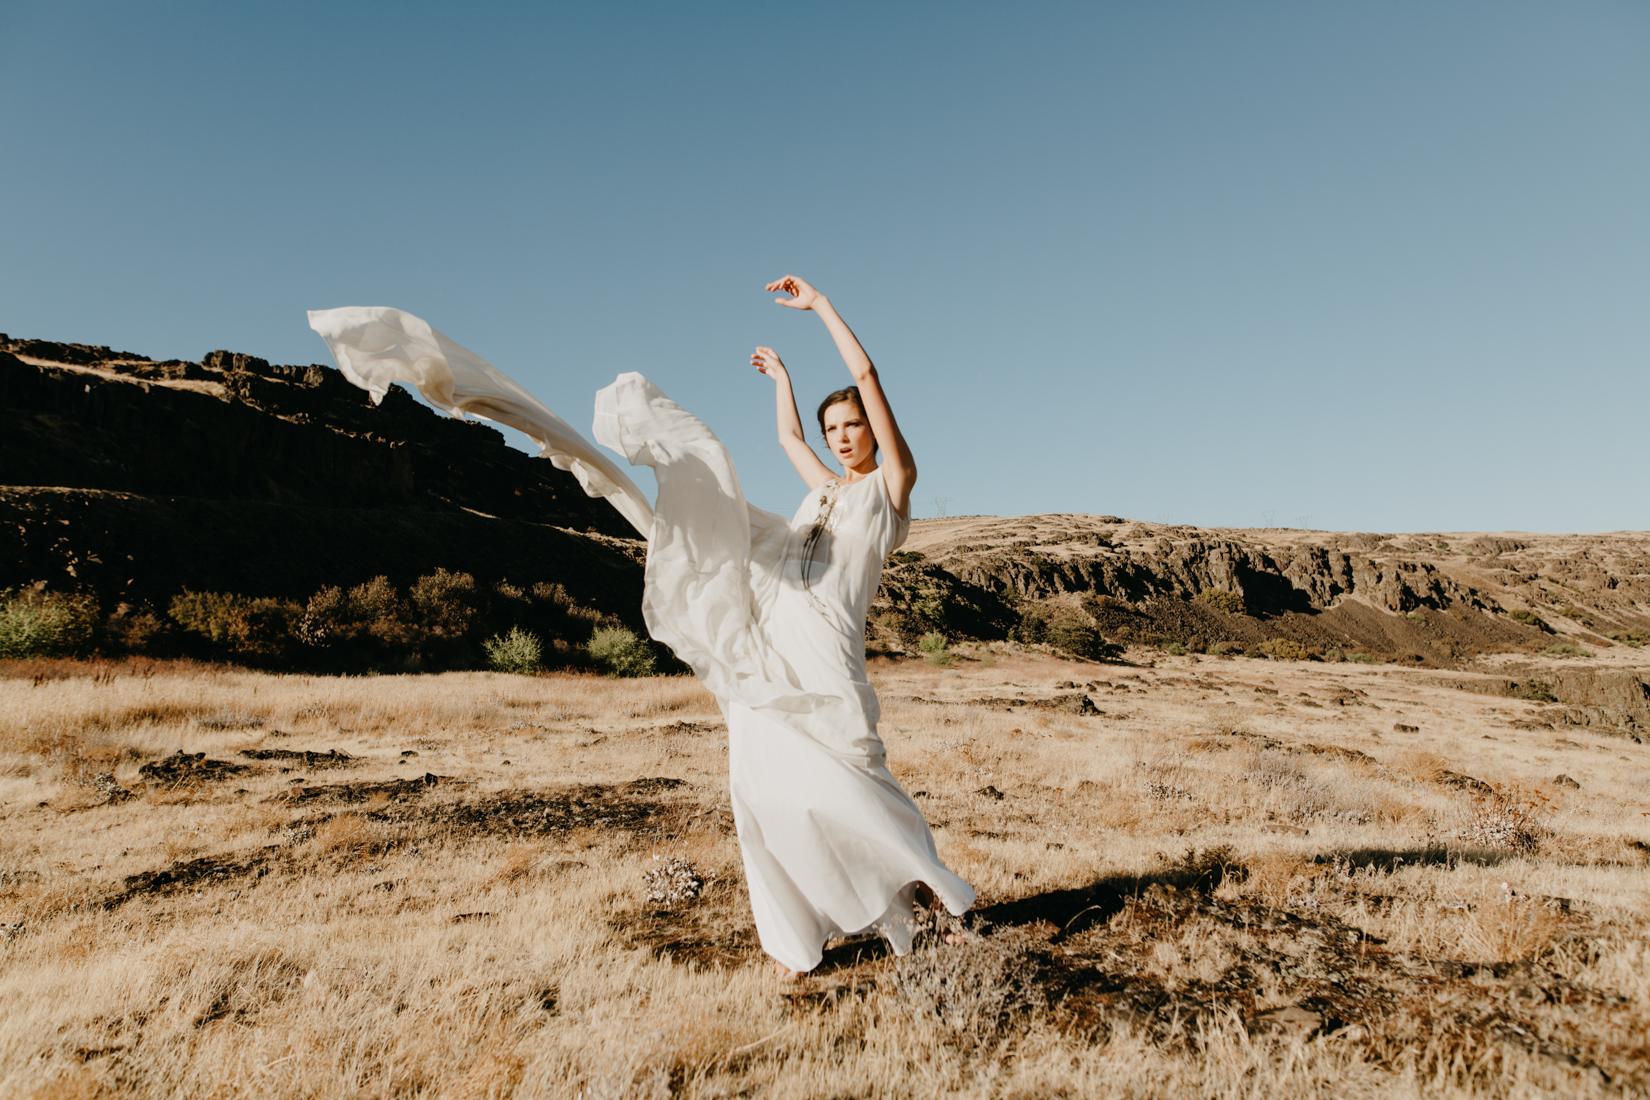 White wedding dress flying in the desert wind